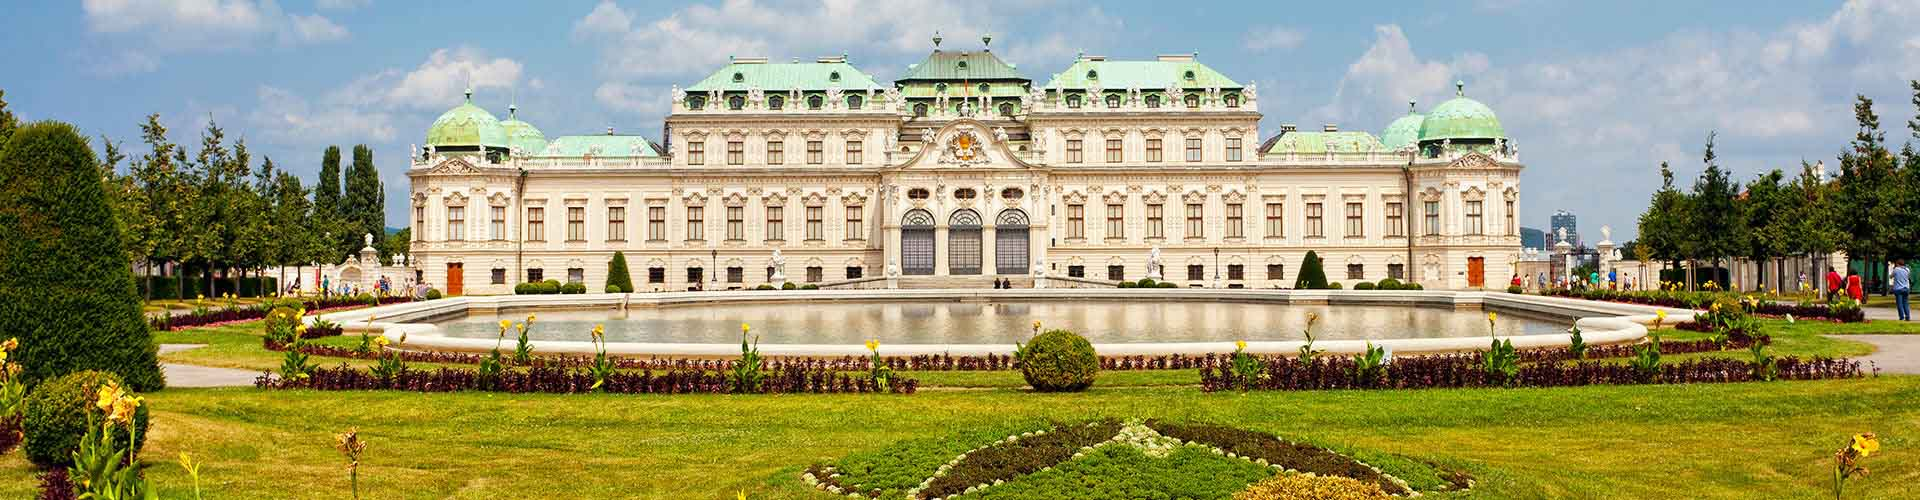 비엔나 - Favoriten 지구의 호스텔. 비엔나의 지도, 비엔나에 위치한 호스텔 사진 및 후기 정보.